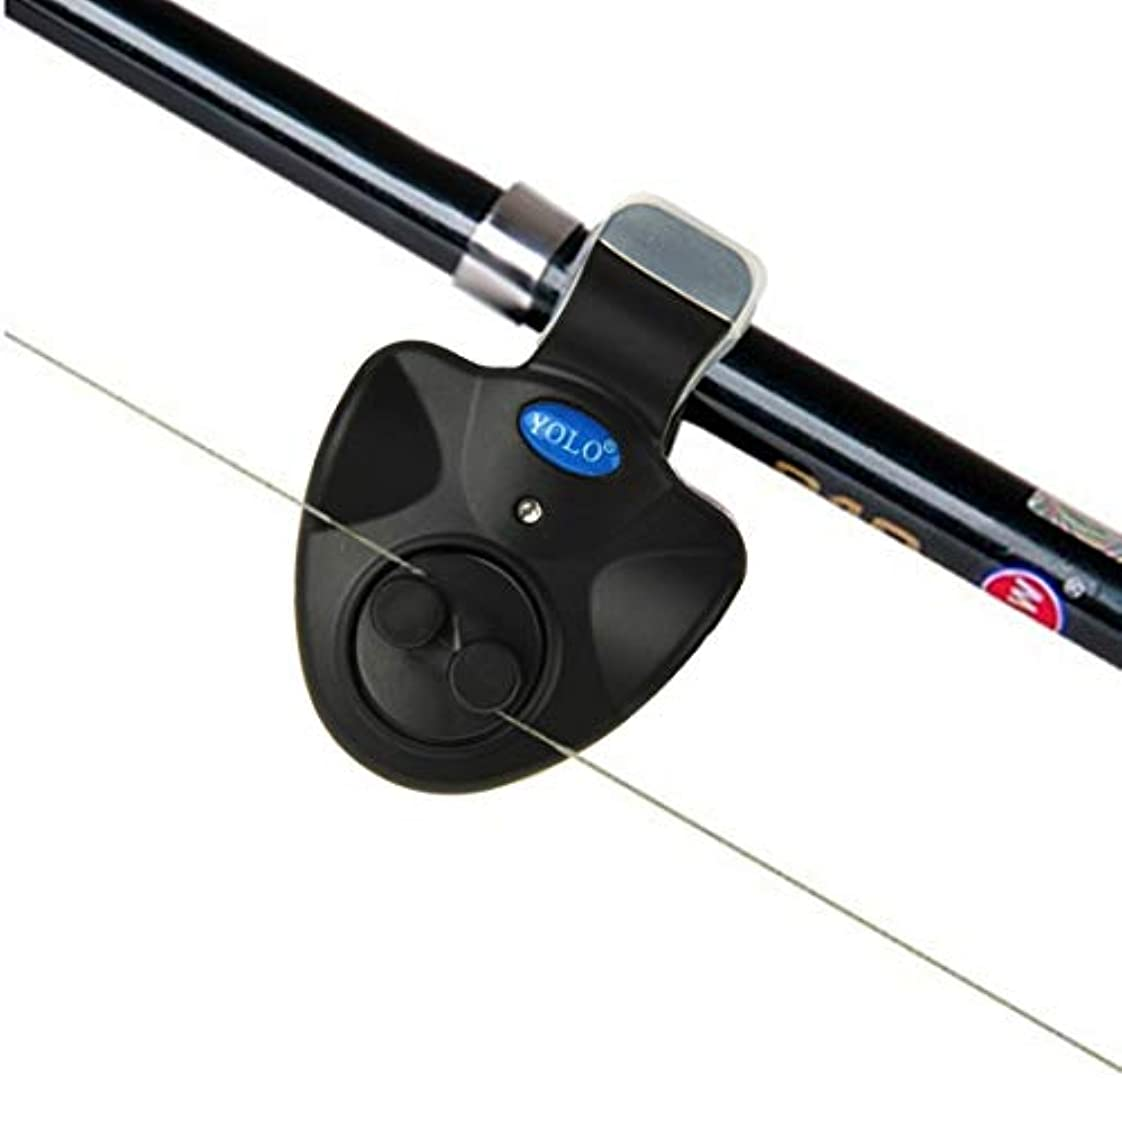 バルブ削除するかなりのWTYD アウトドア釣り用品 電子LEDライトフィッシュ咬傷サウンドアラームベル アウトドアに使う